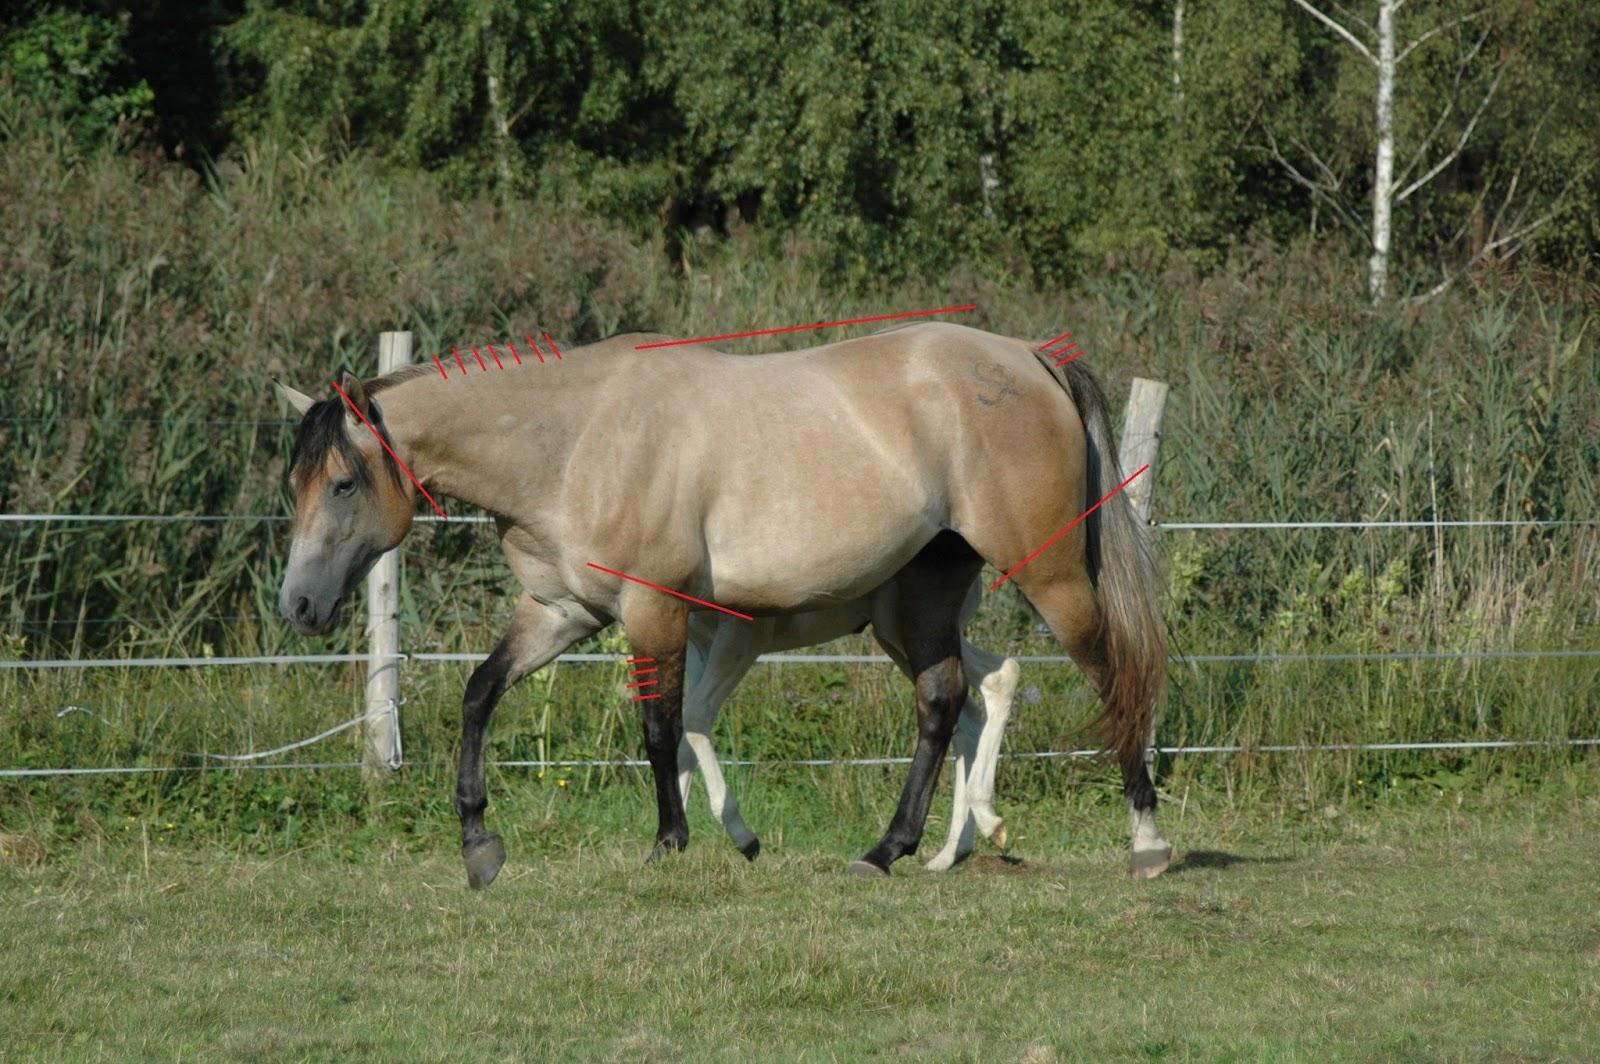 Klacz MCR Skips Speedy jest przykładem konia bułanego, którego cechy tego umaszczenia są bardzo dobrze widoczne. Rozjaśniona została tylko kłoda zwierzęcia wraz z szyją. Głowa oraz partie nóg powyżej podpalań pozostały nie zmienione (dla ułatwienia zaznaczona je czerwoną linia). Posiada również pręgowane kończyny oraz pręgę na grzbiecie (Tutaj musicie mi wierzyć na słowo, że ją ma. Niestety na tym zdjęciu jej nie widać.) Ostatnią cechą, którą posiadają konie bułane są jaśniejsze pasemka włosia w grzywie i ogonie. (drrquarterhorses.pl)